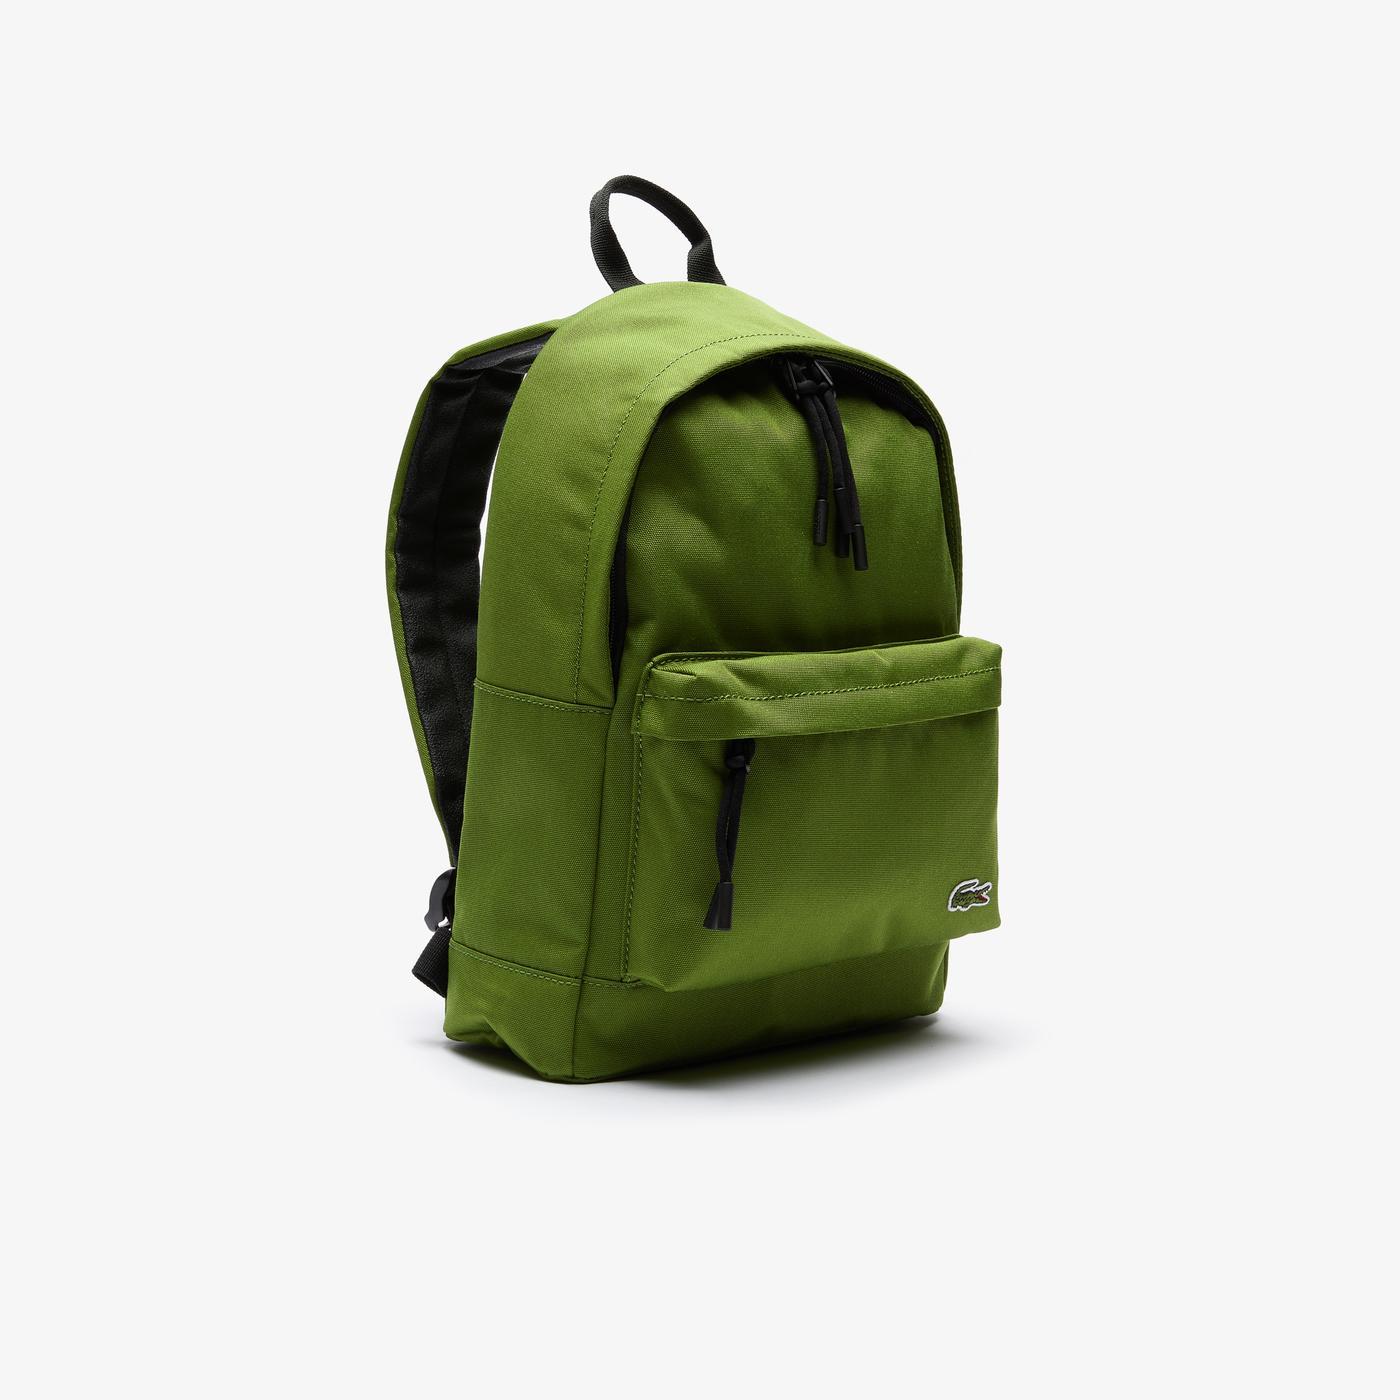 Lacoste Neocroc Unisex Yeşil Sırt Çantası